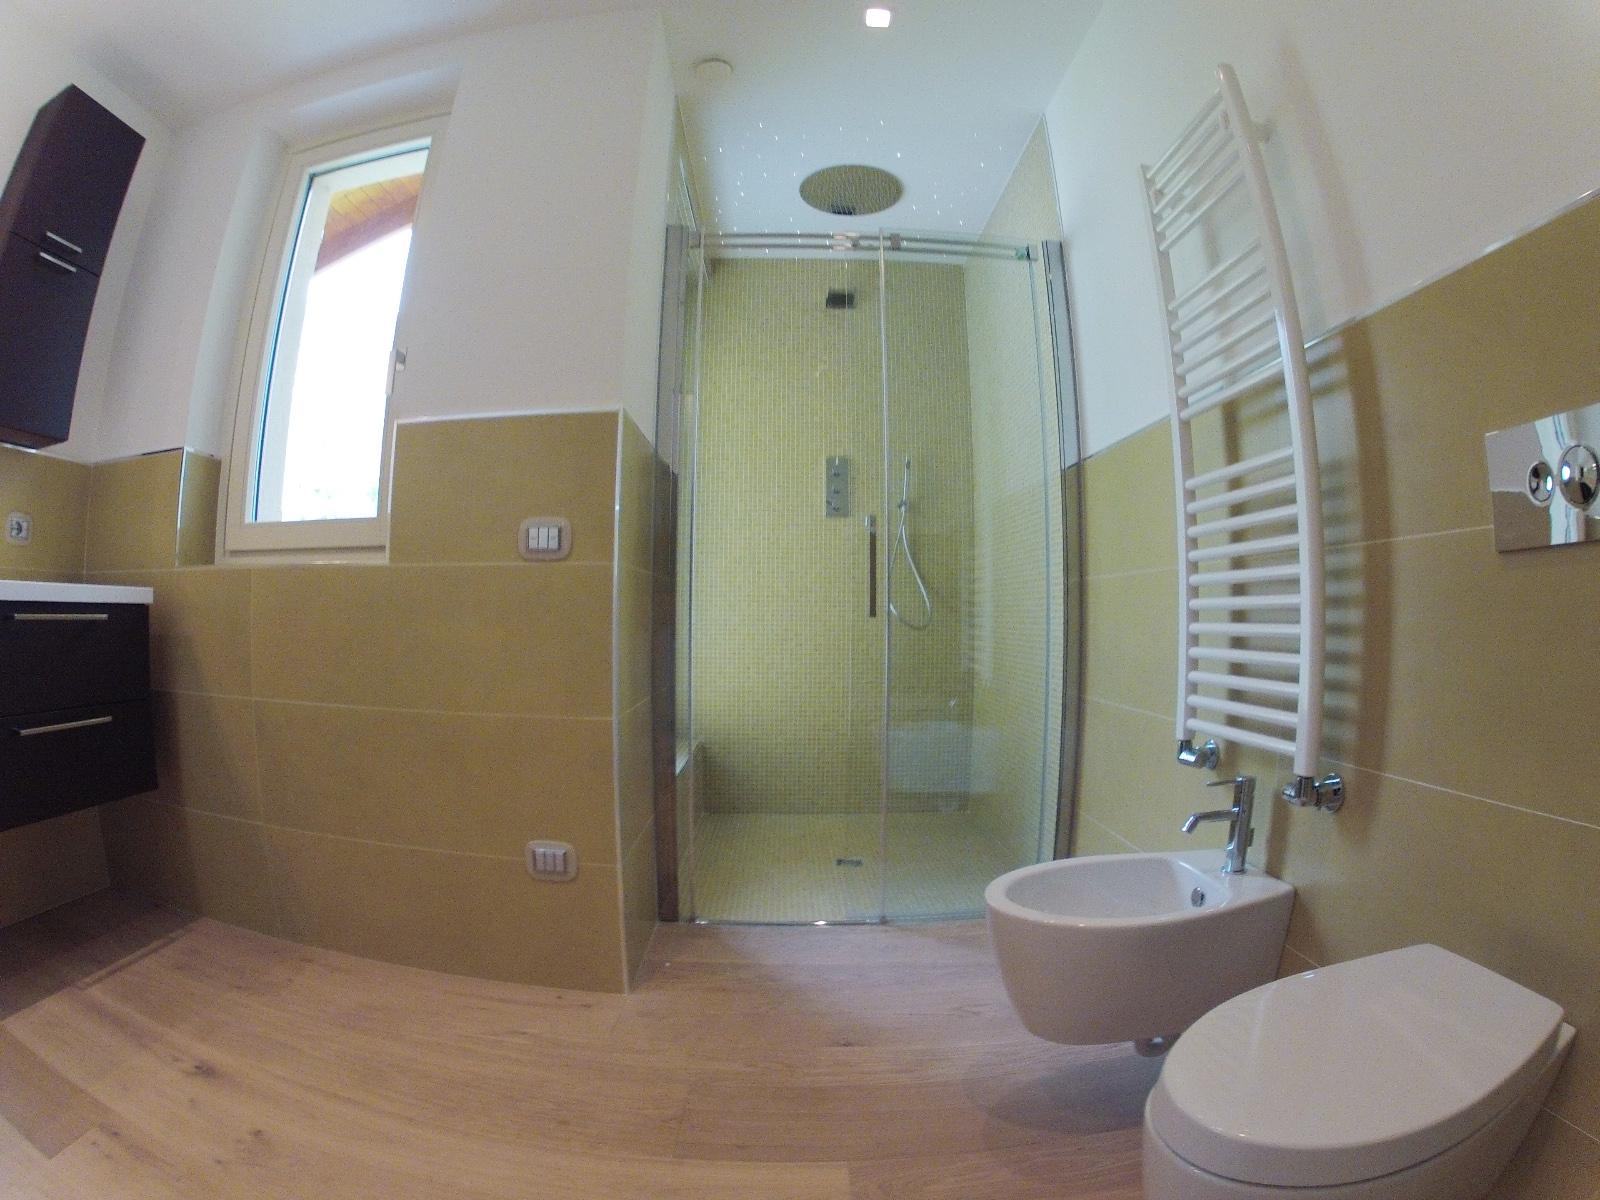 Works sintesibagno progetto e realizzazione arredobagno for Arredo bagno doccia